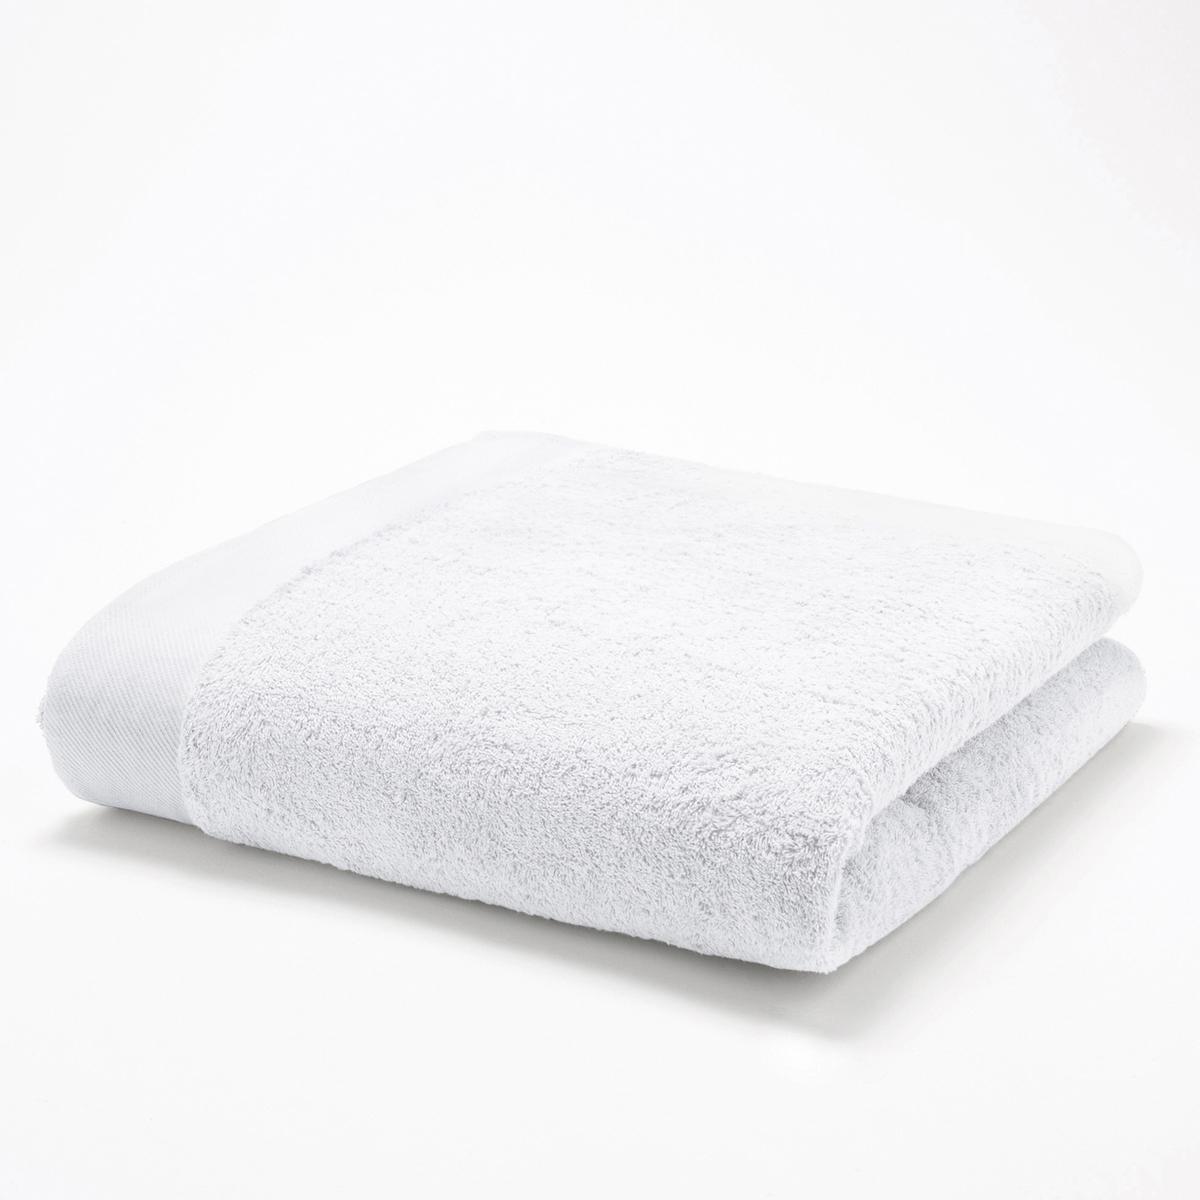 Полотенце банноеМягкая махровая ткань, 100% хлопка, 500 г/м2. Кайма диагональ. Стирка при 60°. 70 х 140 см.<br><br>Цвет: белый,зеленый  атолл,серо-синий<br>Размер: 70 x 140 см